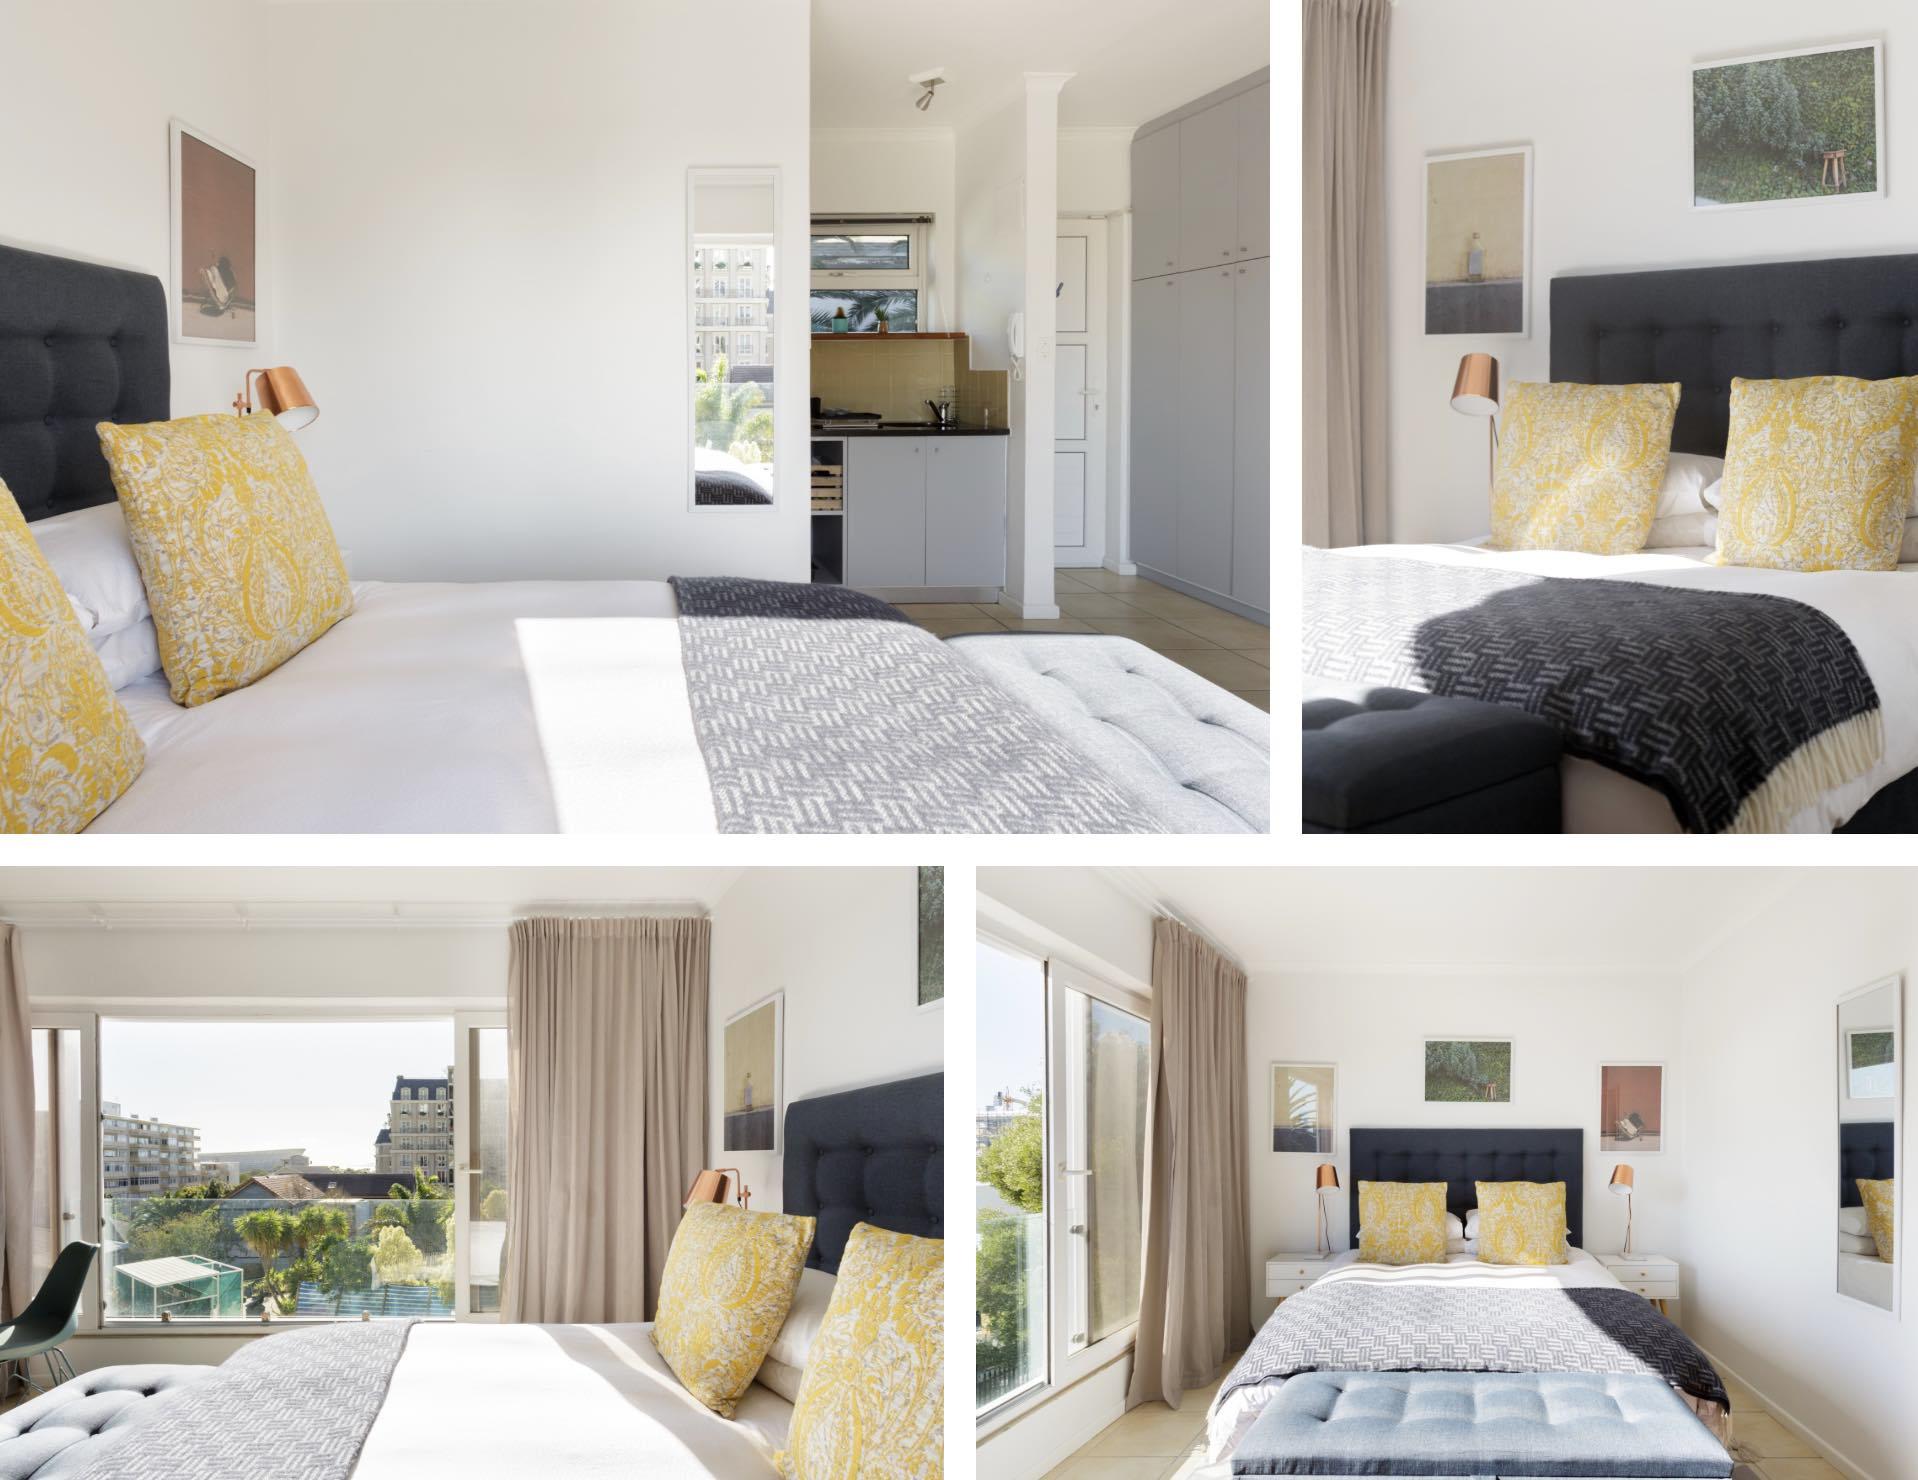 Studio Apartment Airbnb Cape Town